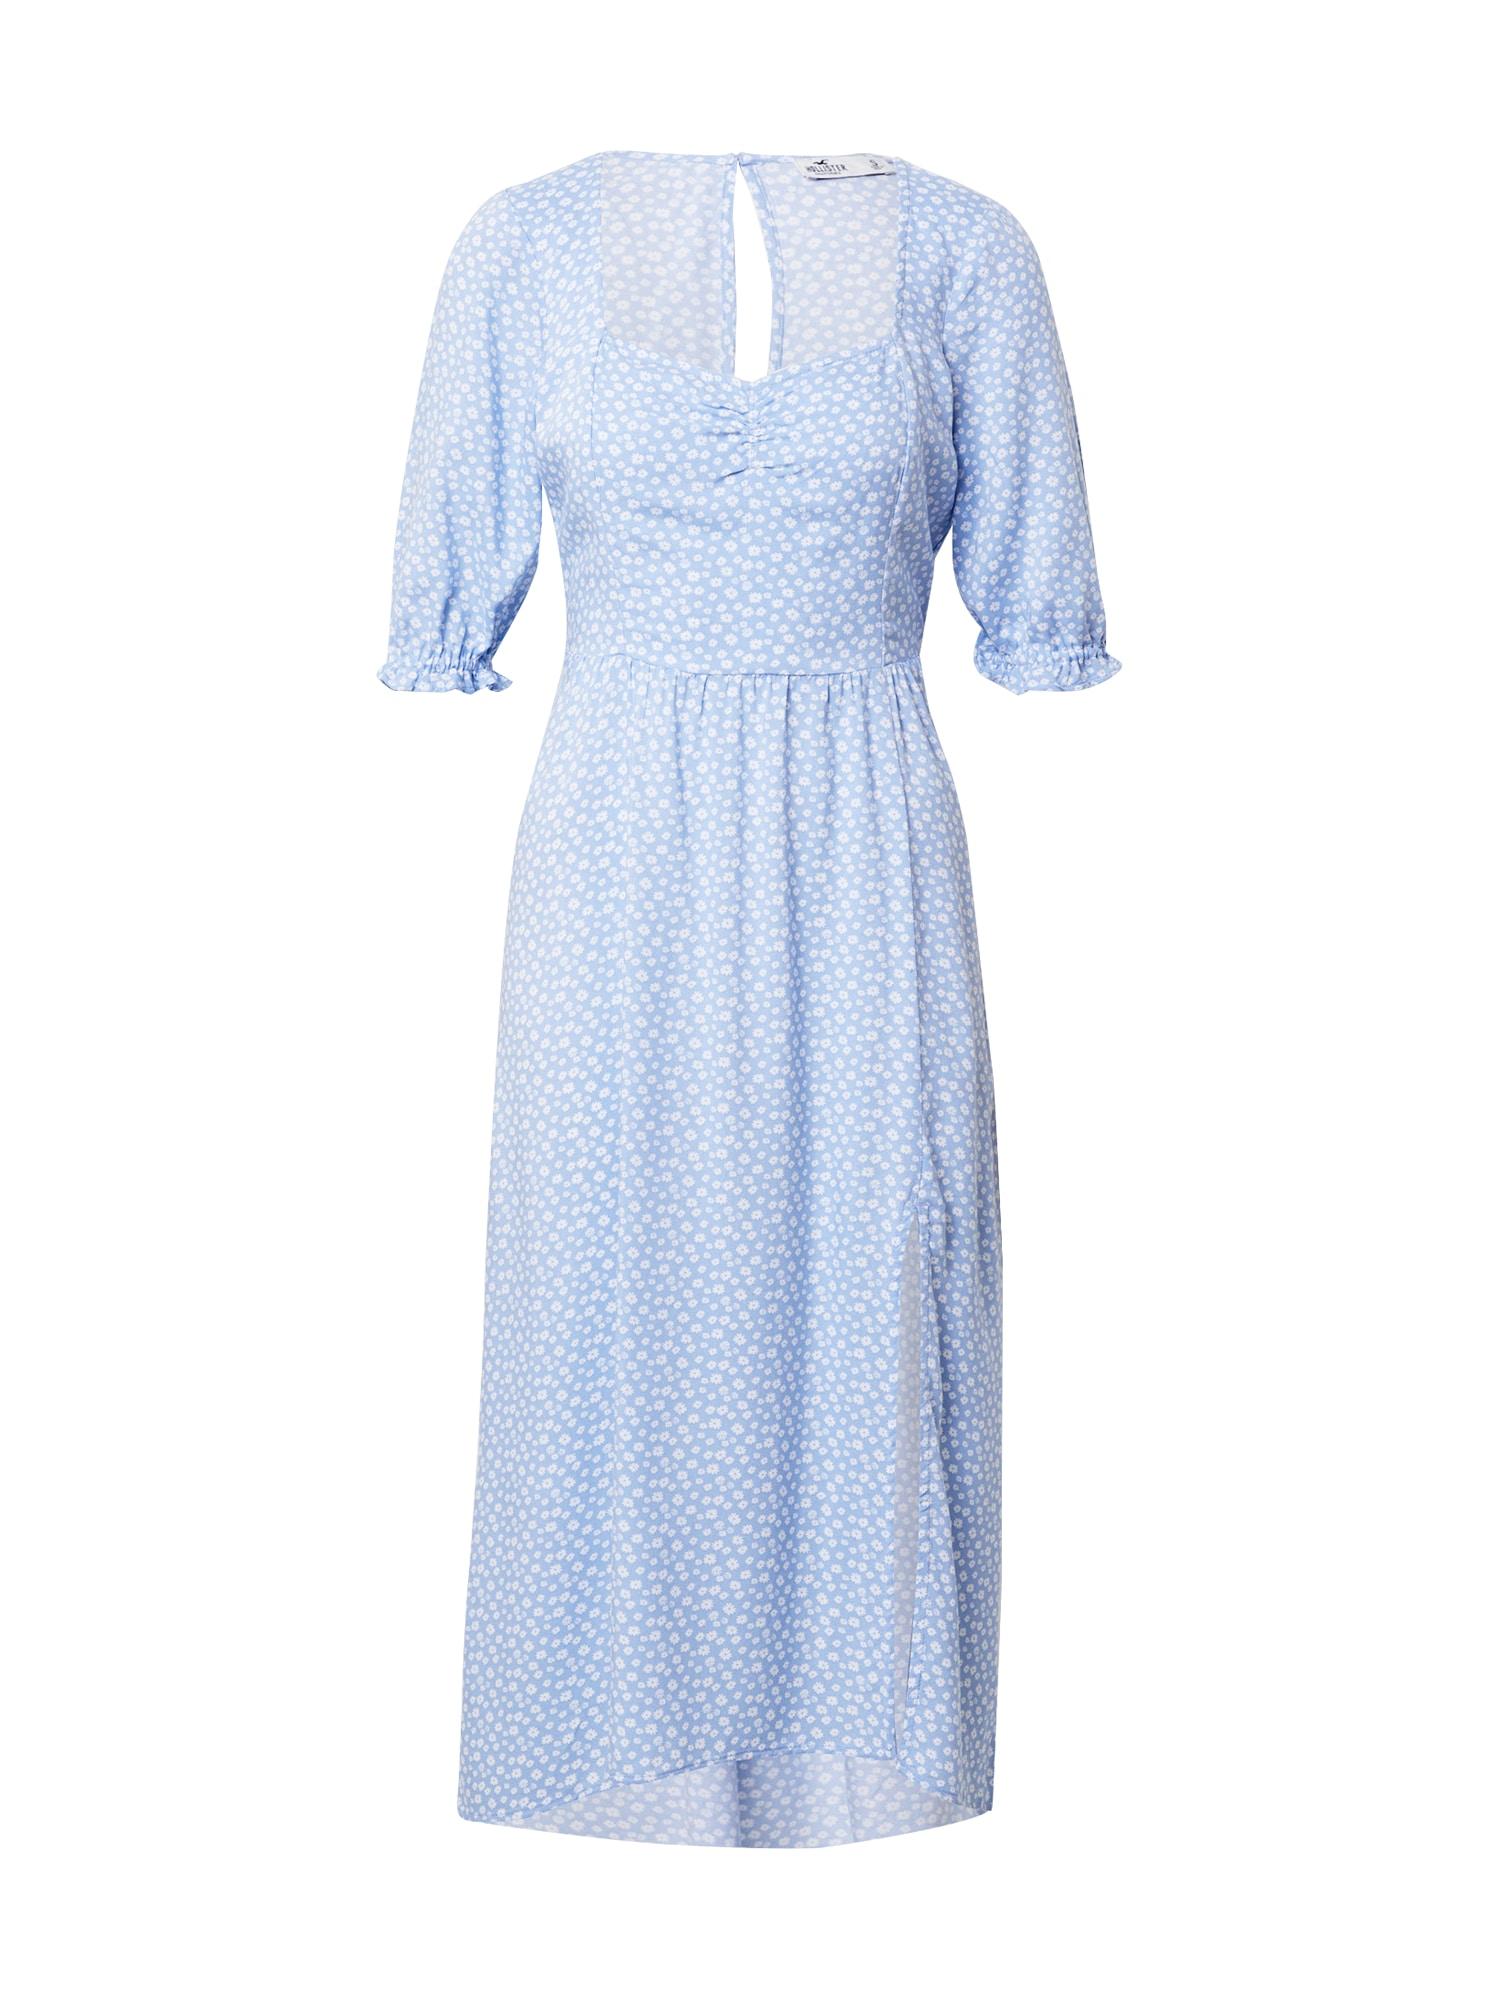 HOLLISTER Vasarinė suknelė šviesiai mėlyna / balta